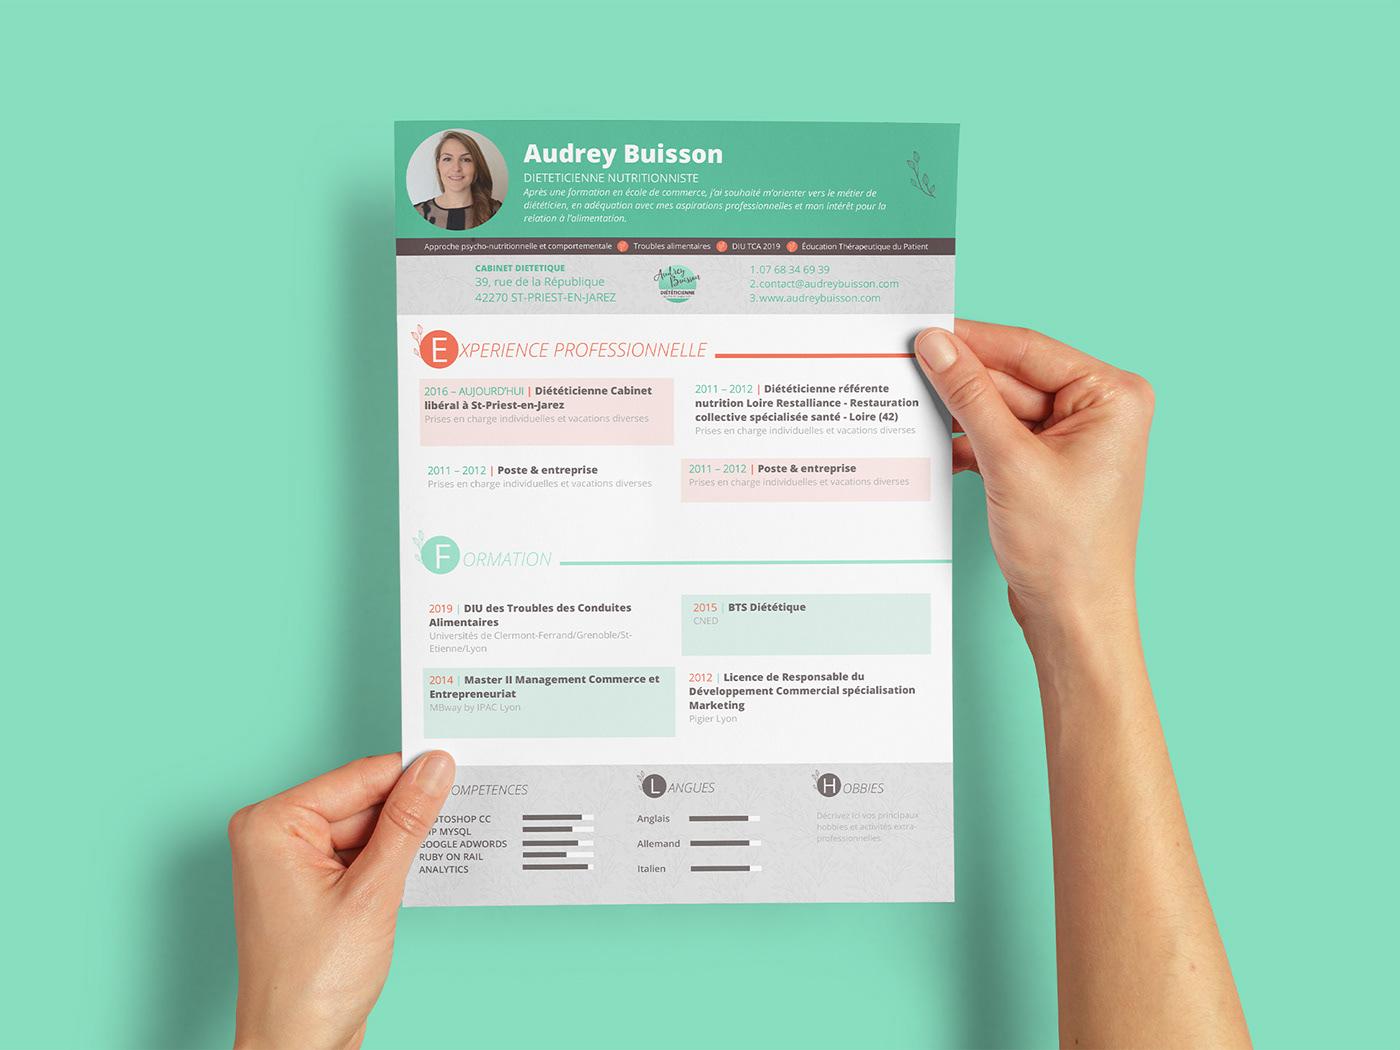 branding  diététique Food  Health healthy identité visuelle logo medical nutrition visual identity